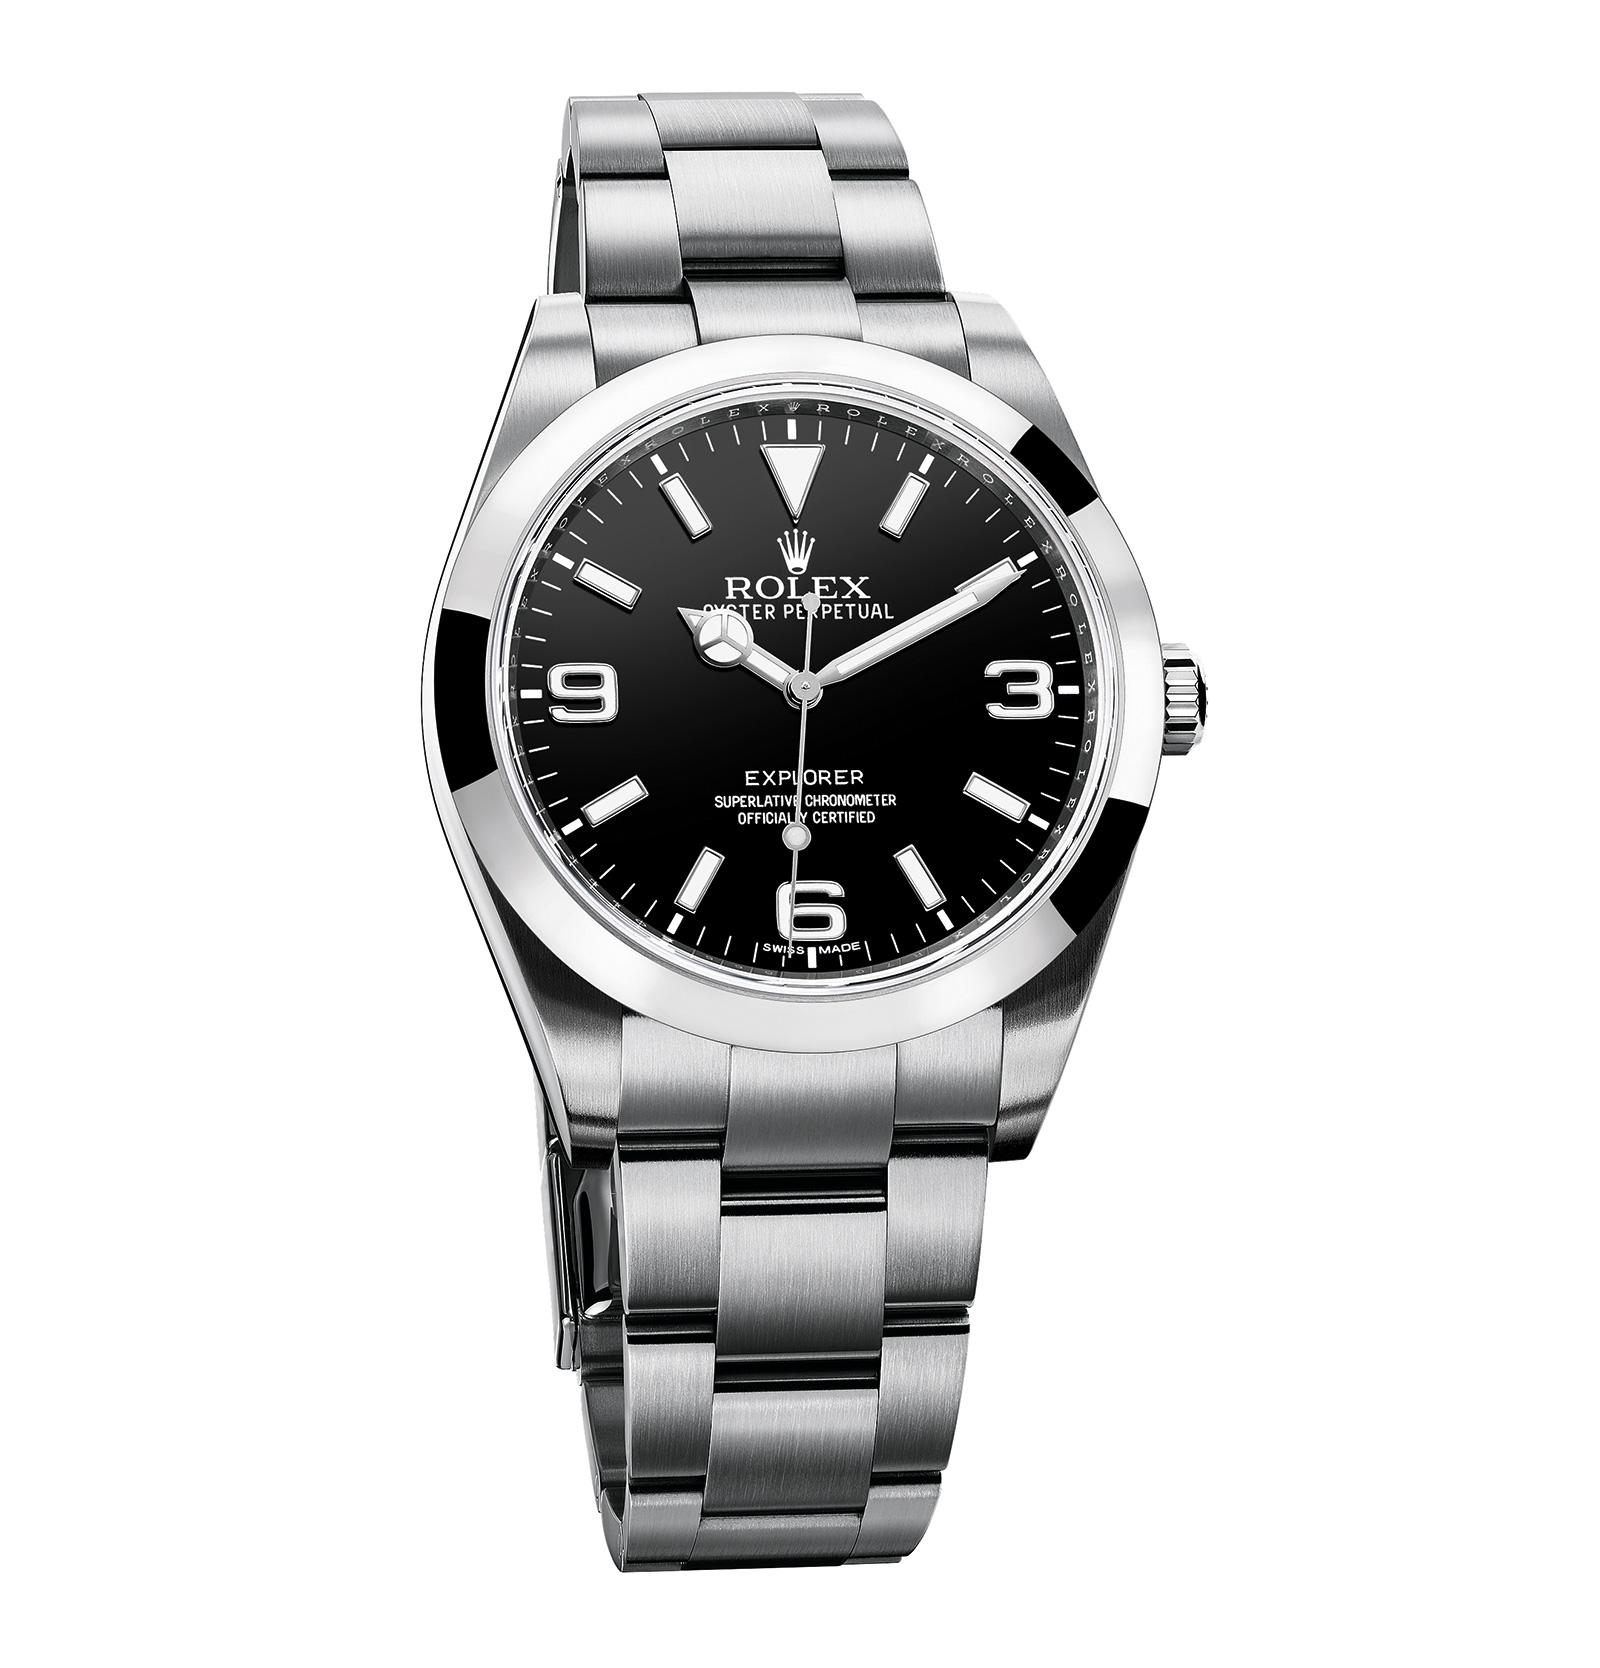 Rolex Explorer ref. 214270 - 1